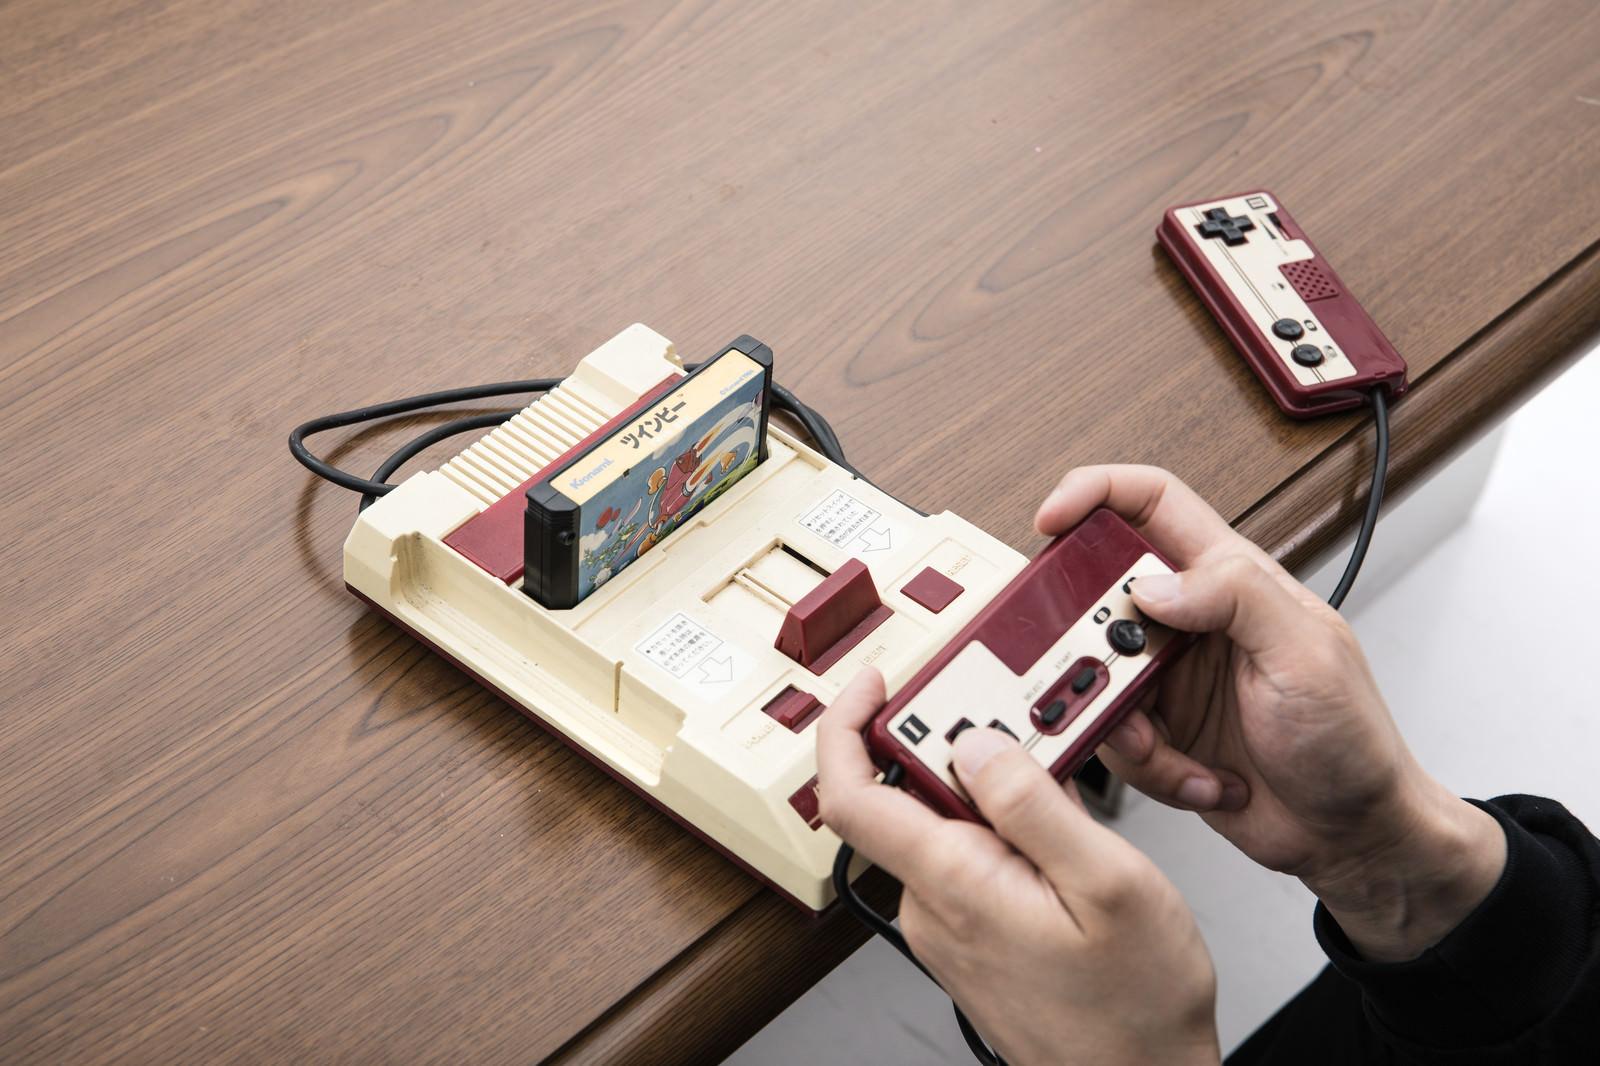 「テレビゲームで遊ぶ大人たち | 写真の無料素材・フリー素材 - ぱくたそ」の写真[モデル:大川竜弥]